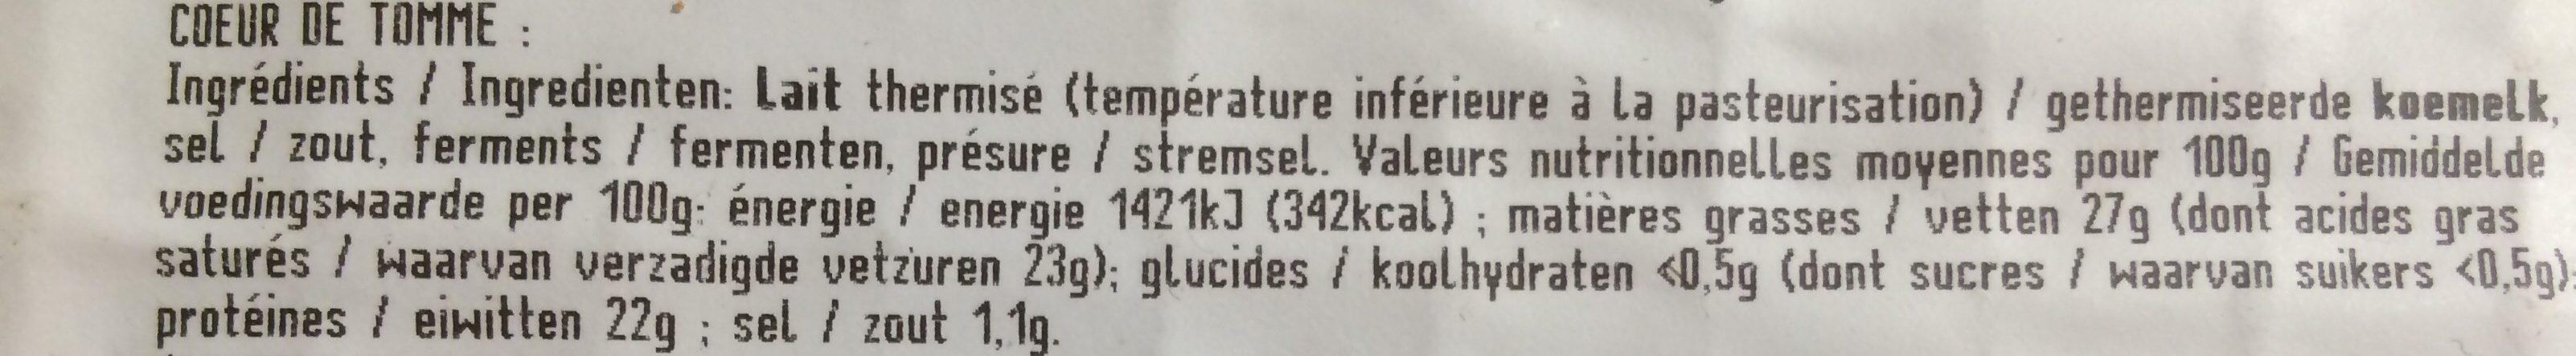 Raclette pochat et fils - Ingredients - fr